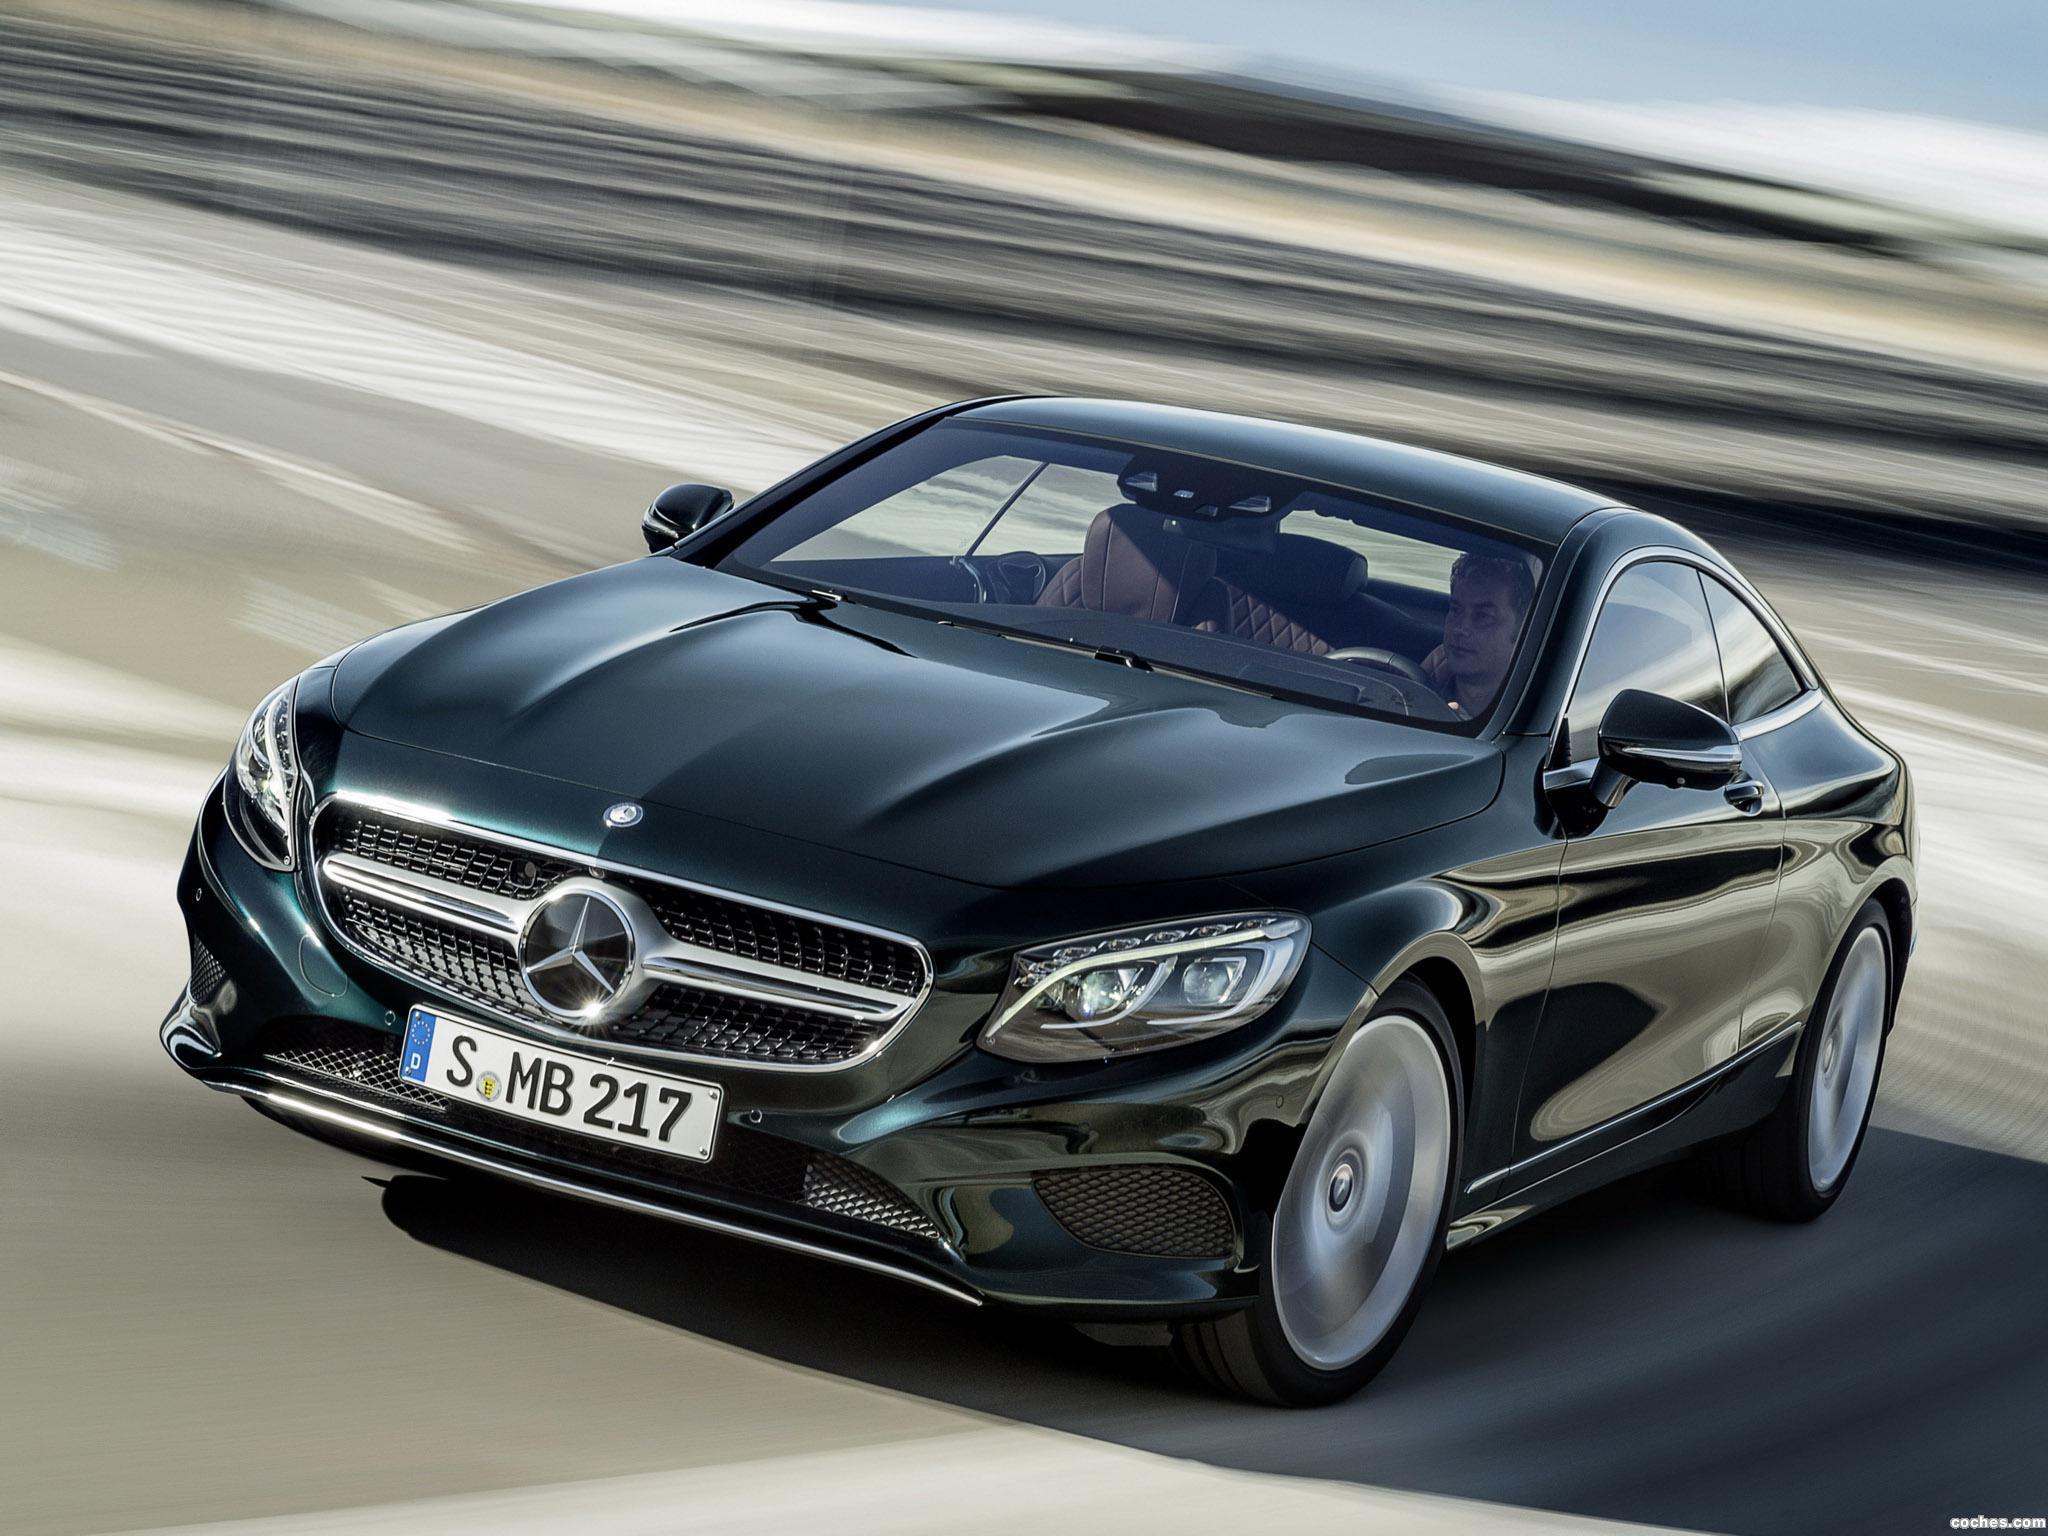 Foto 0 de Mercedes Clase S S500 Coupe 4MATIC C217 2014